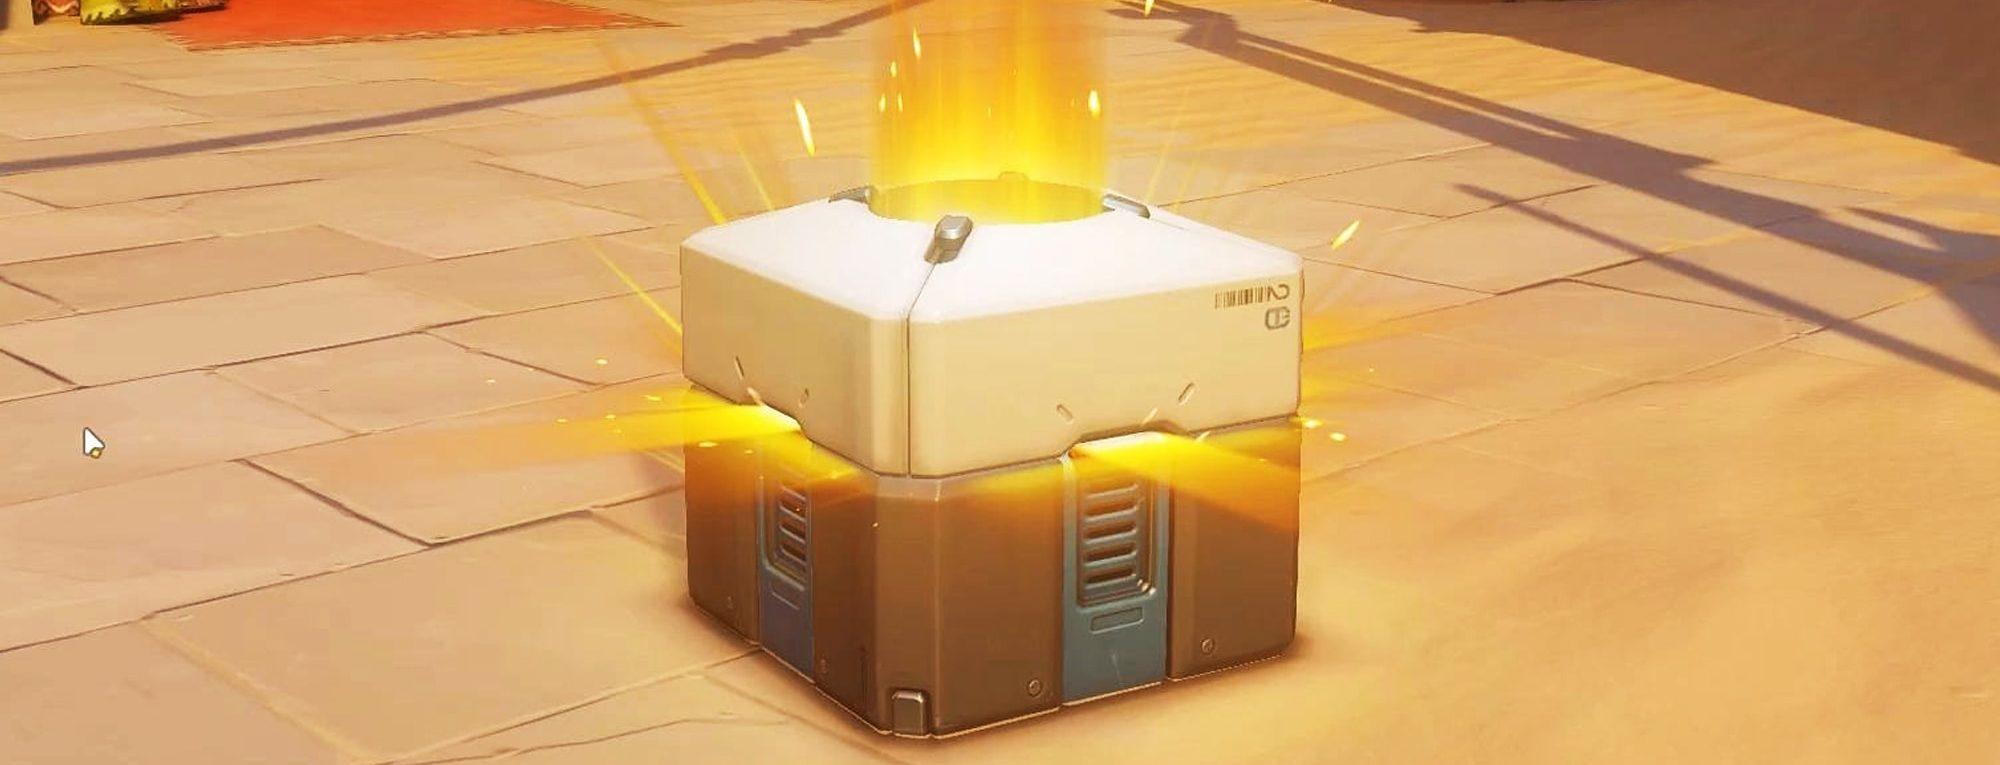 LootBox-1-min